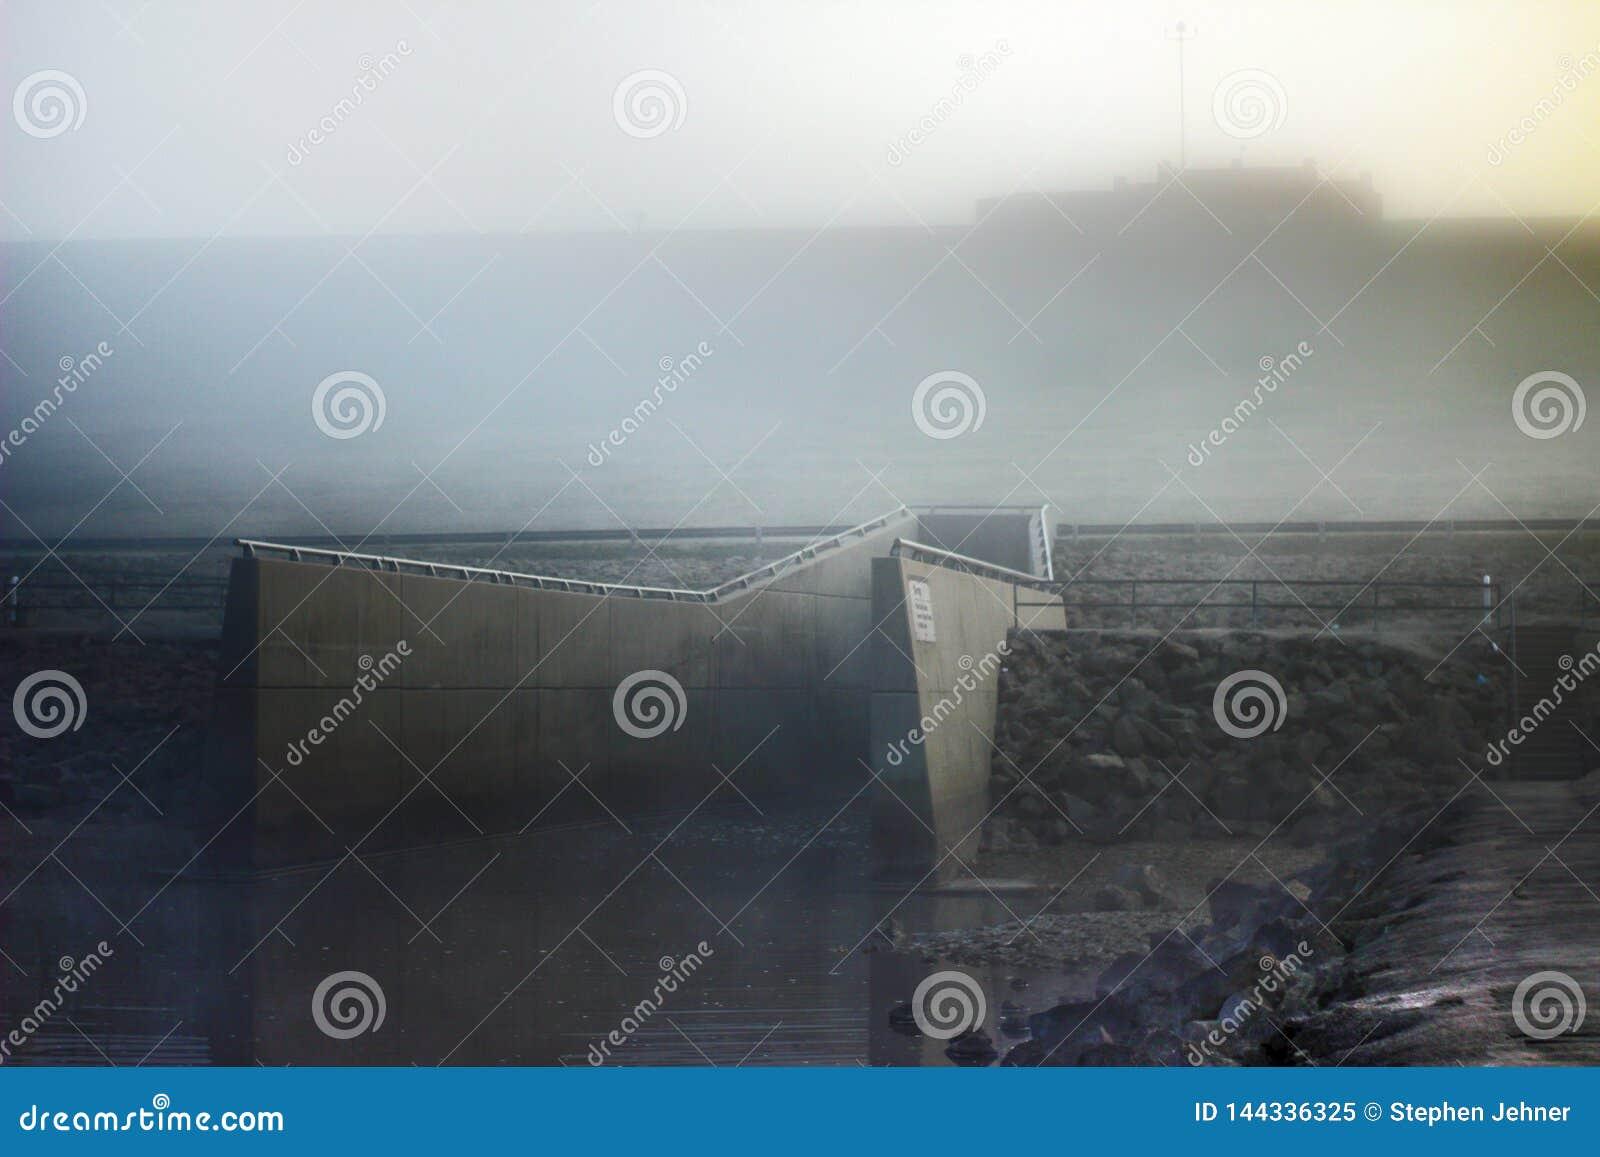 Μουντή άποψη πρωινού spillway από μια μεγάλη δεξαμενή